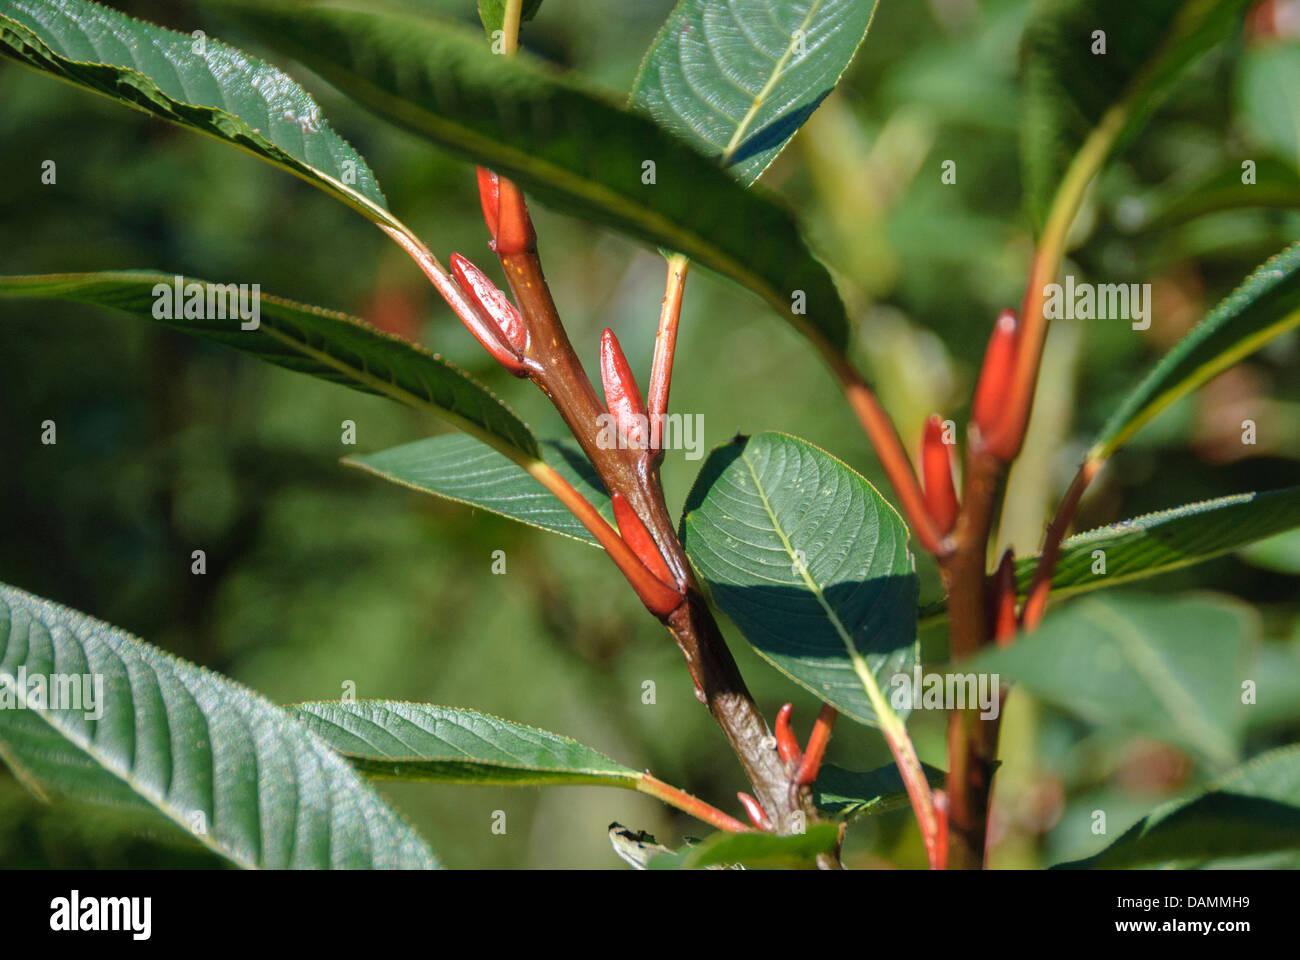 Farges willow (Salix fargesii), il ramo con le gemme, Svizzera Immagini Stock